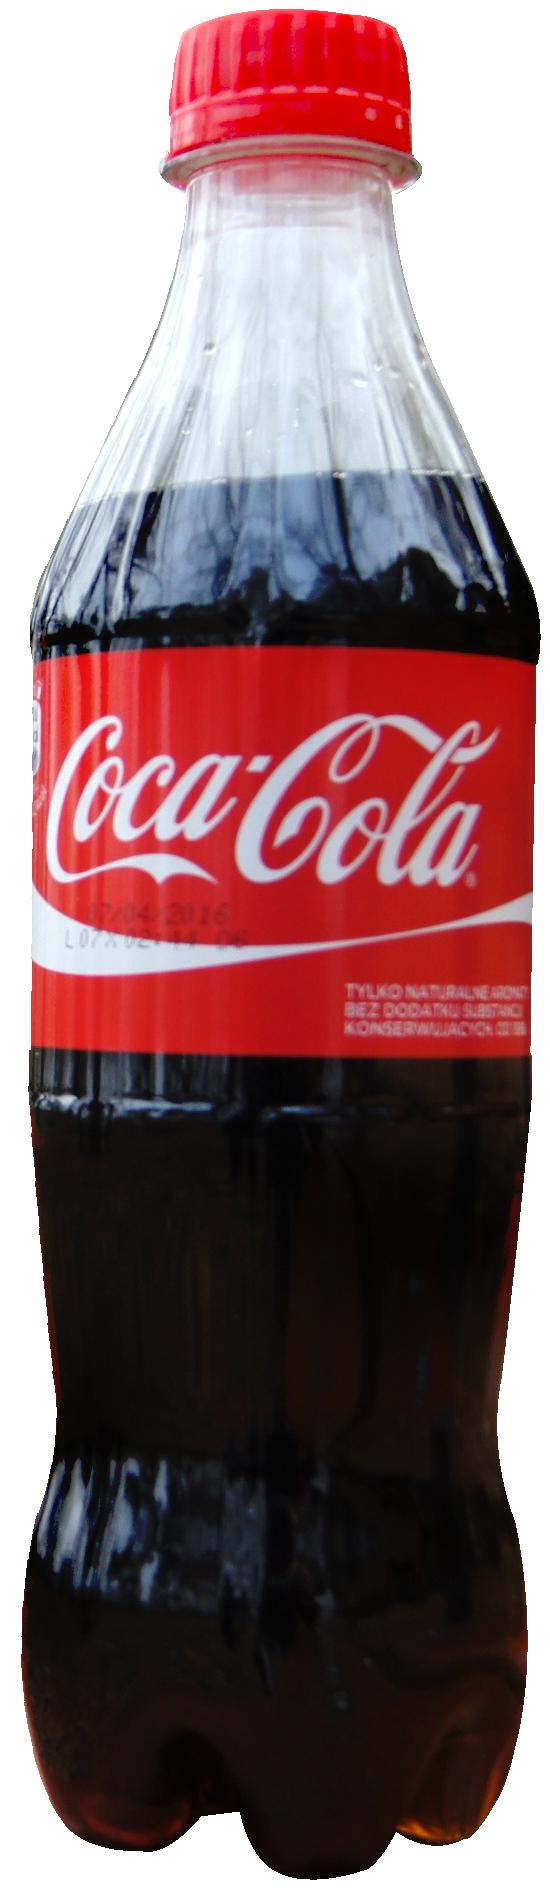 Coca Cola PNG - 8143